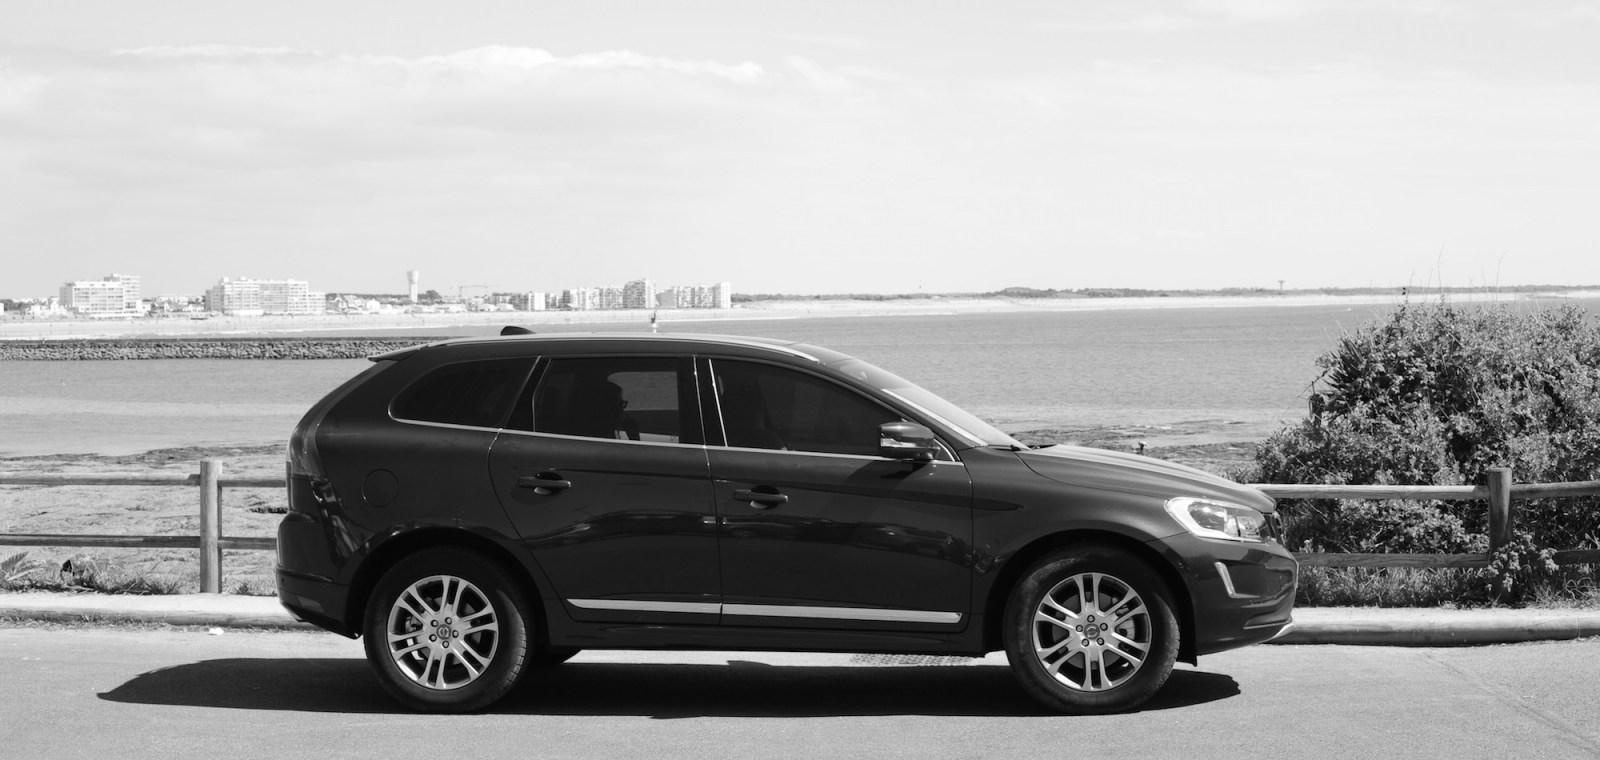 volvo XC 60 avis test profil photo voiture homme blog mode avis test ile de re vacances